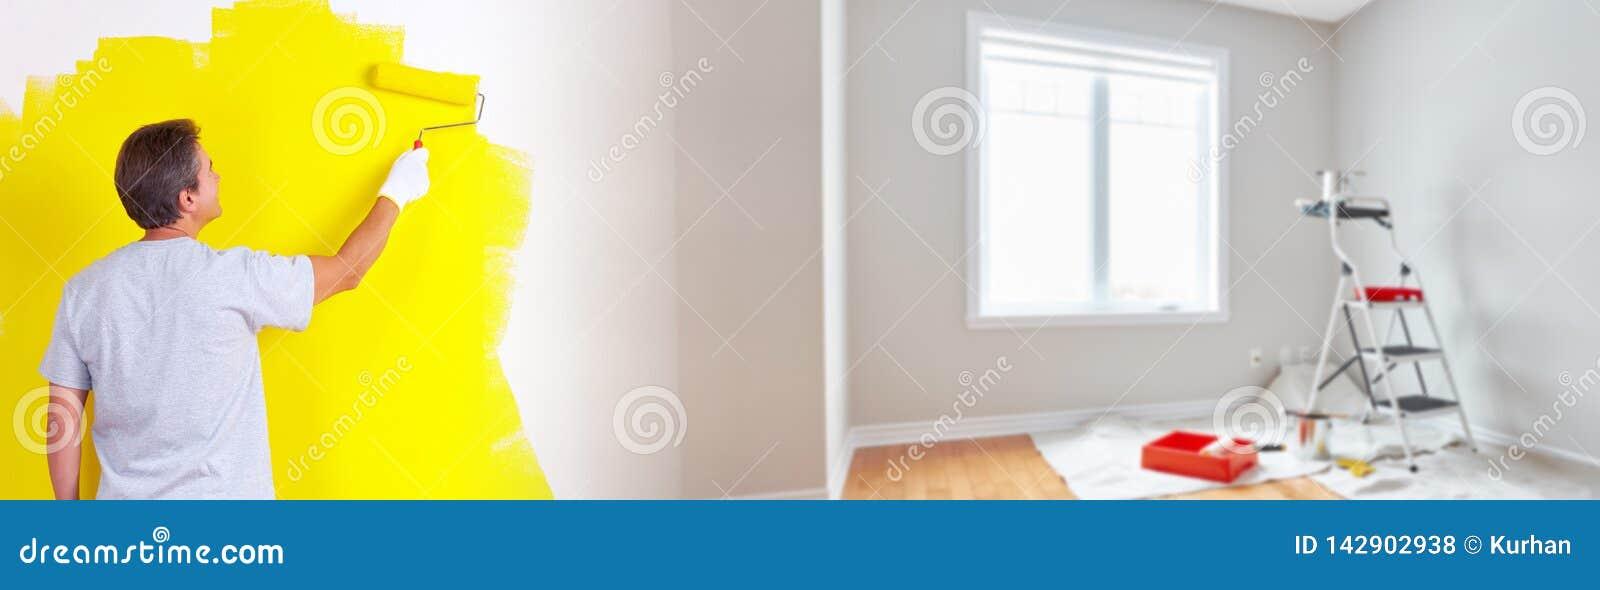 Rénovation de Chambre